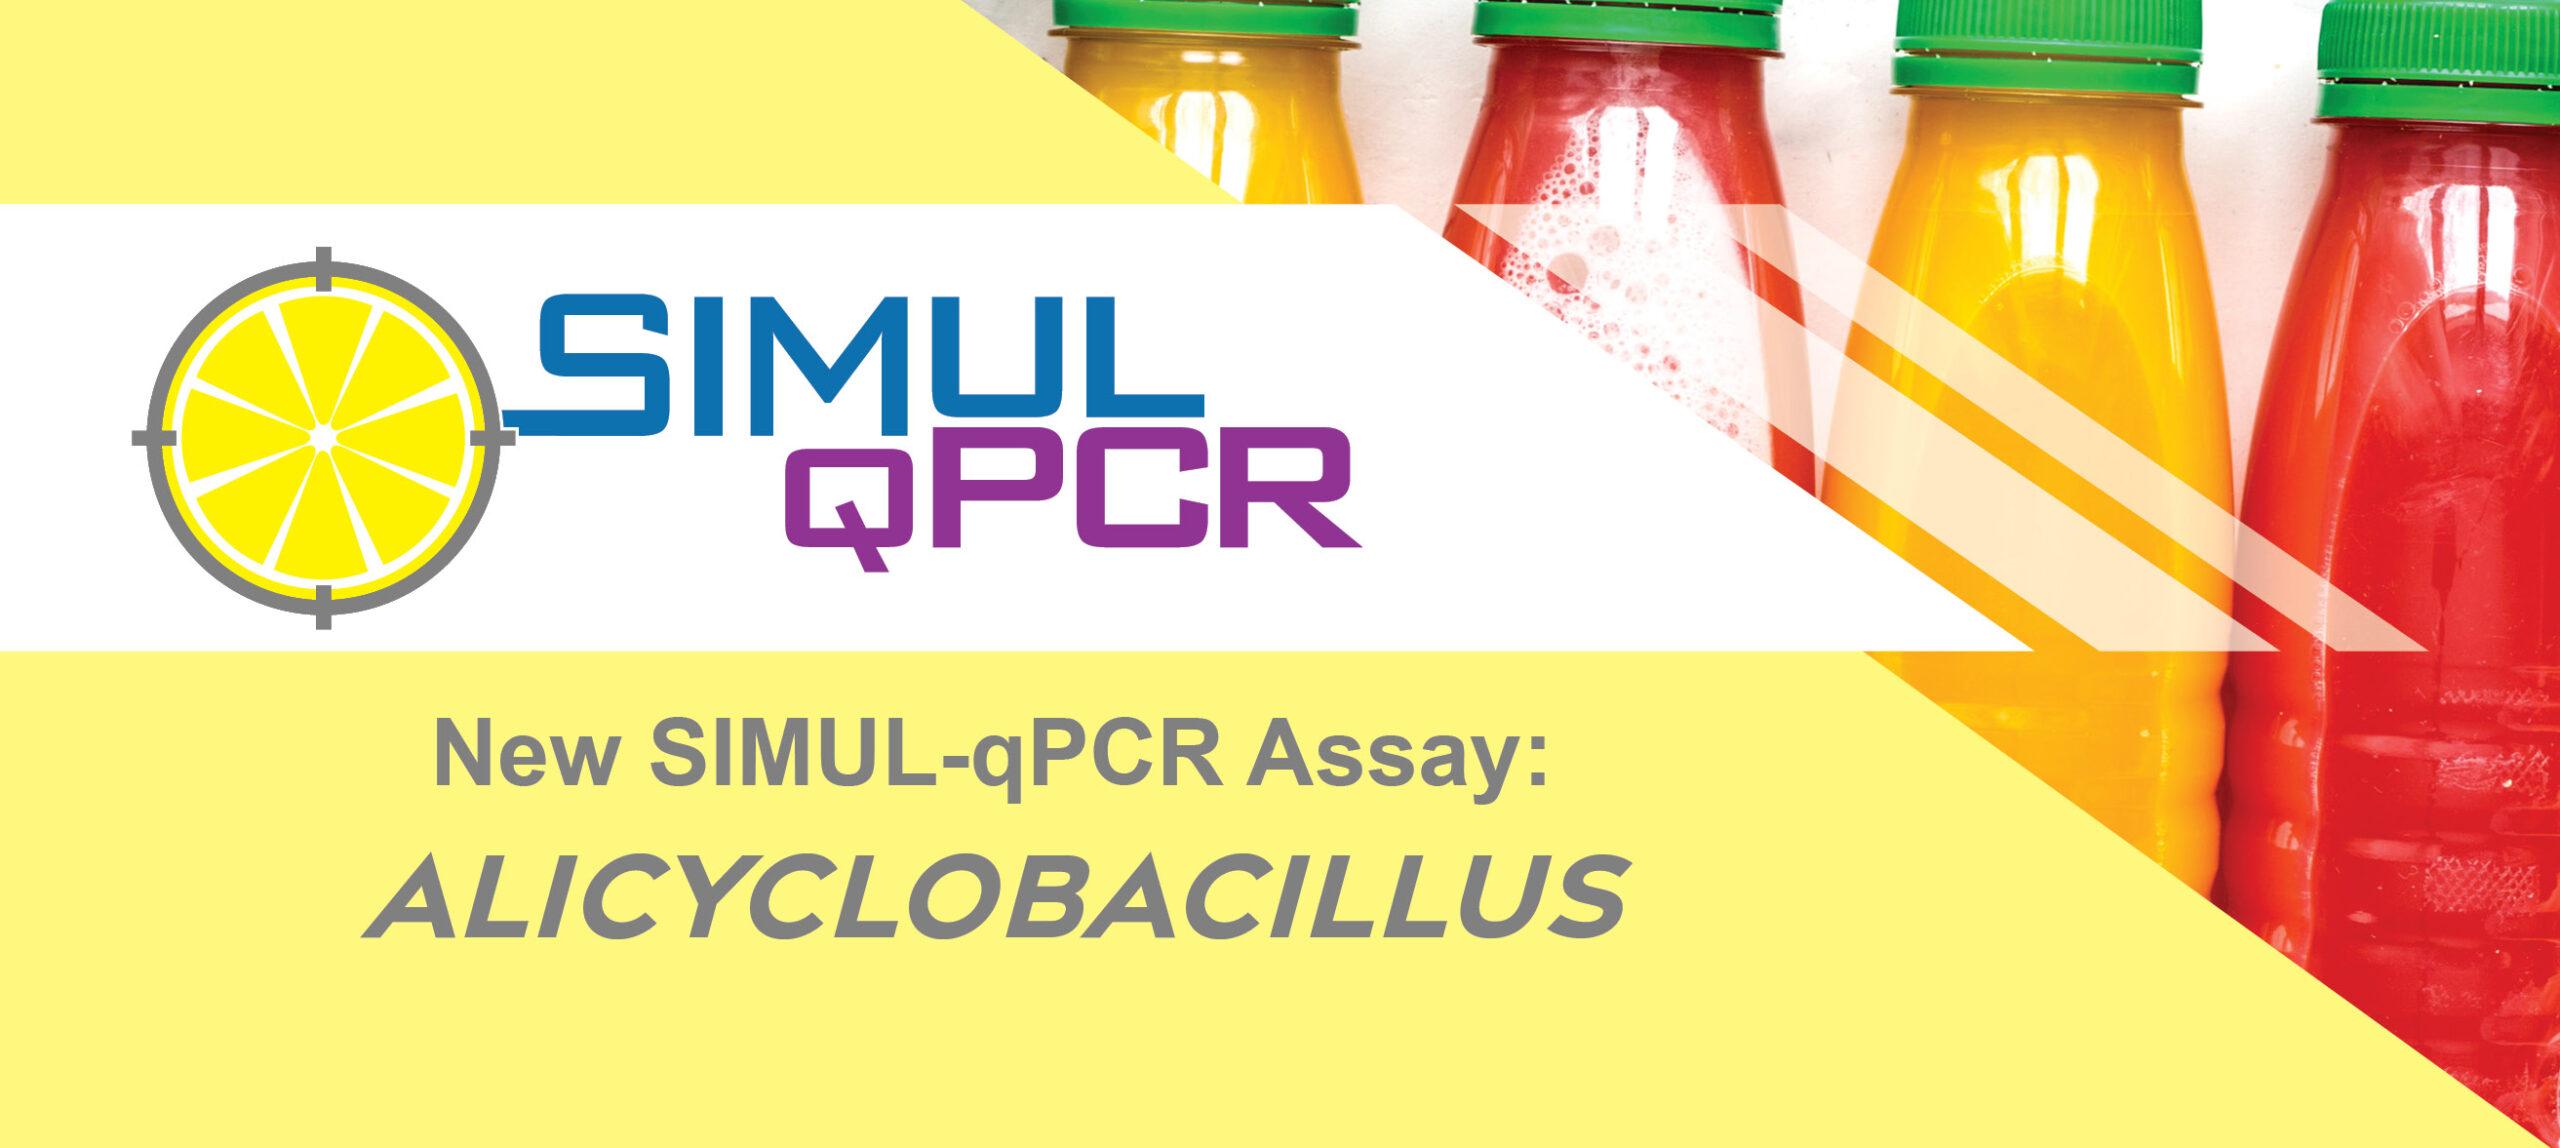 7 SIMUL qPCR Kits on display